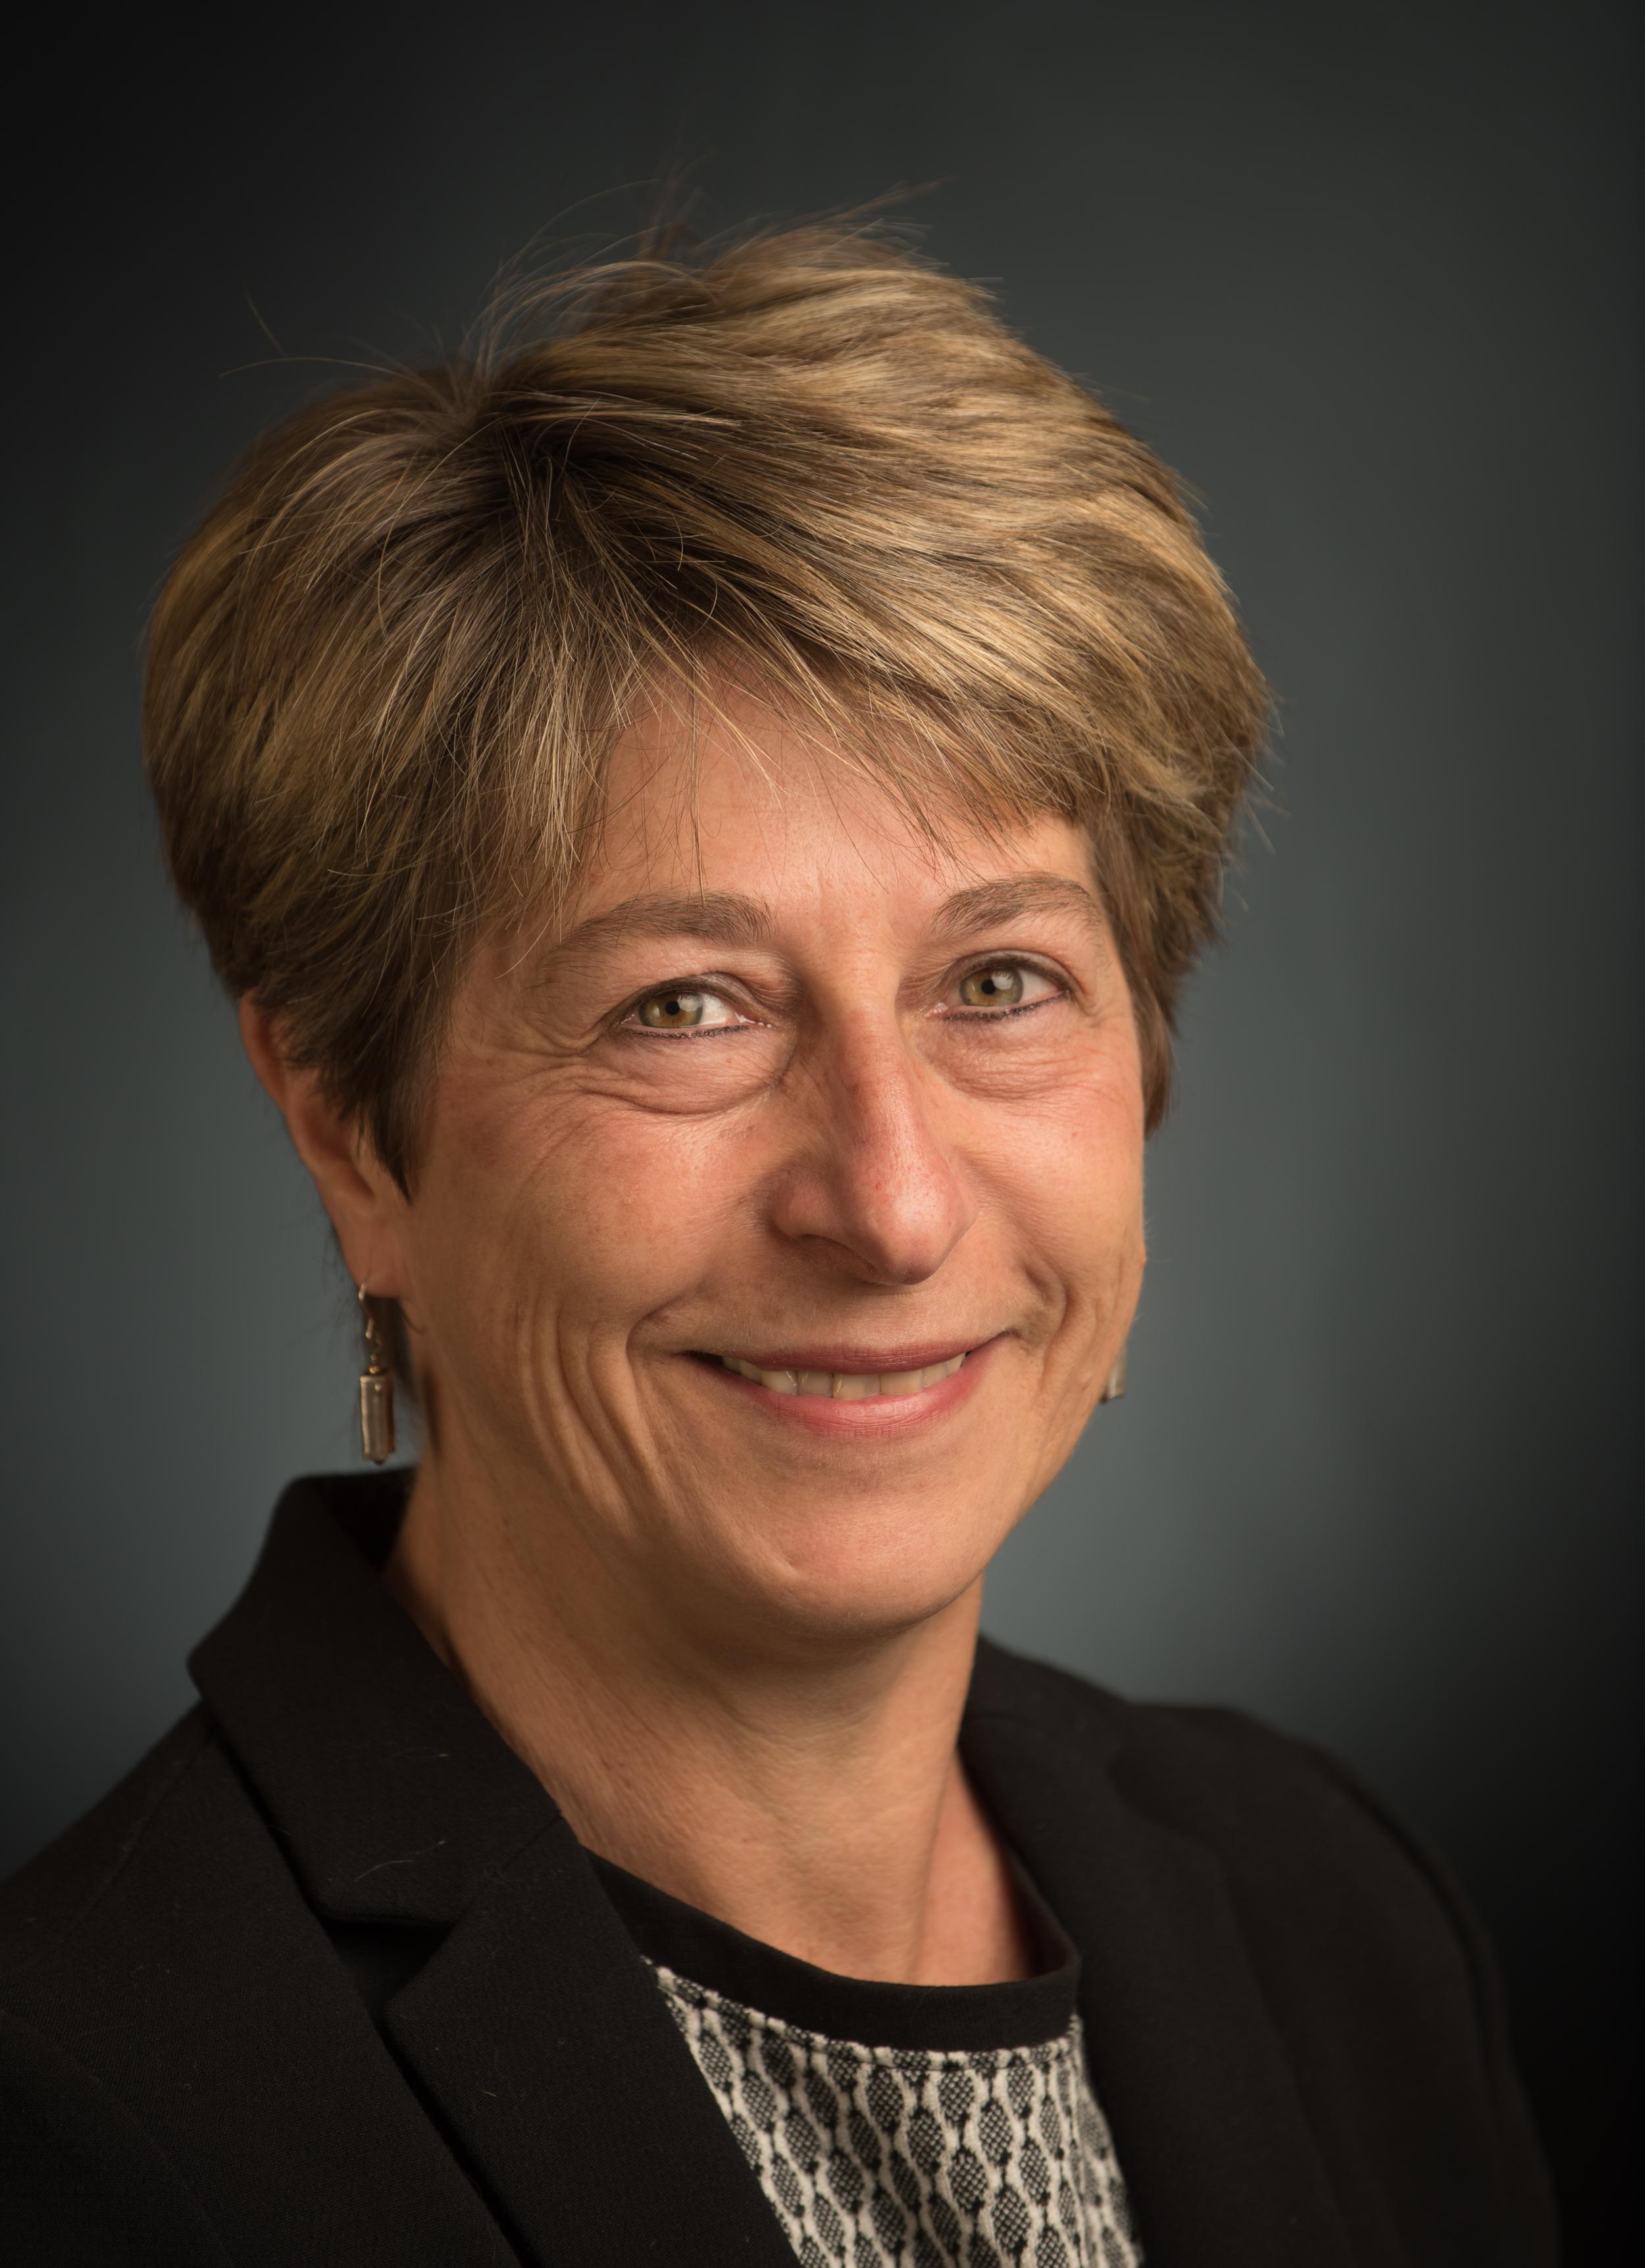 Elisabeth Mermann-Jozwiak, Ph.D. (Gonzaga University)